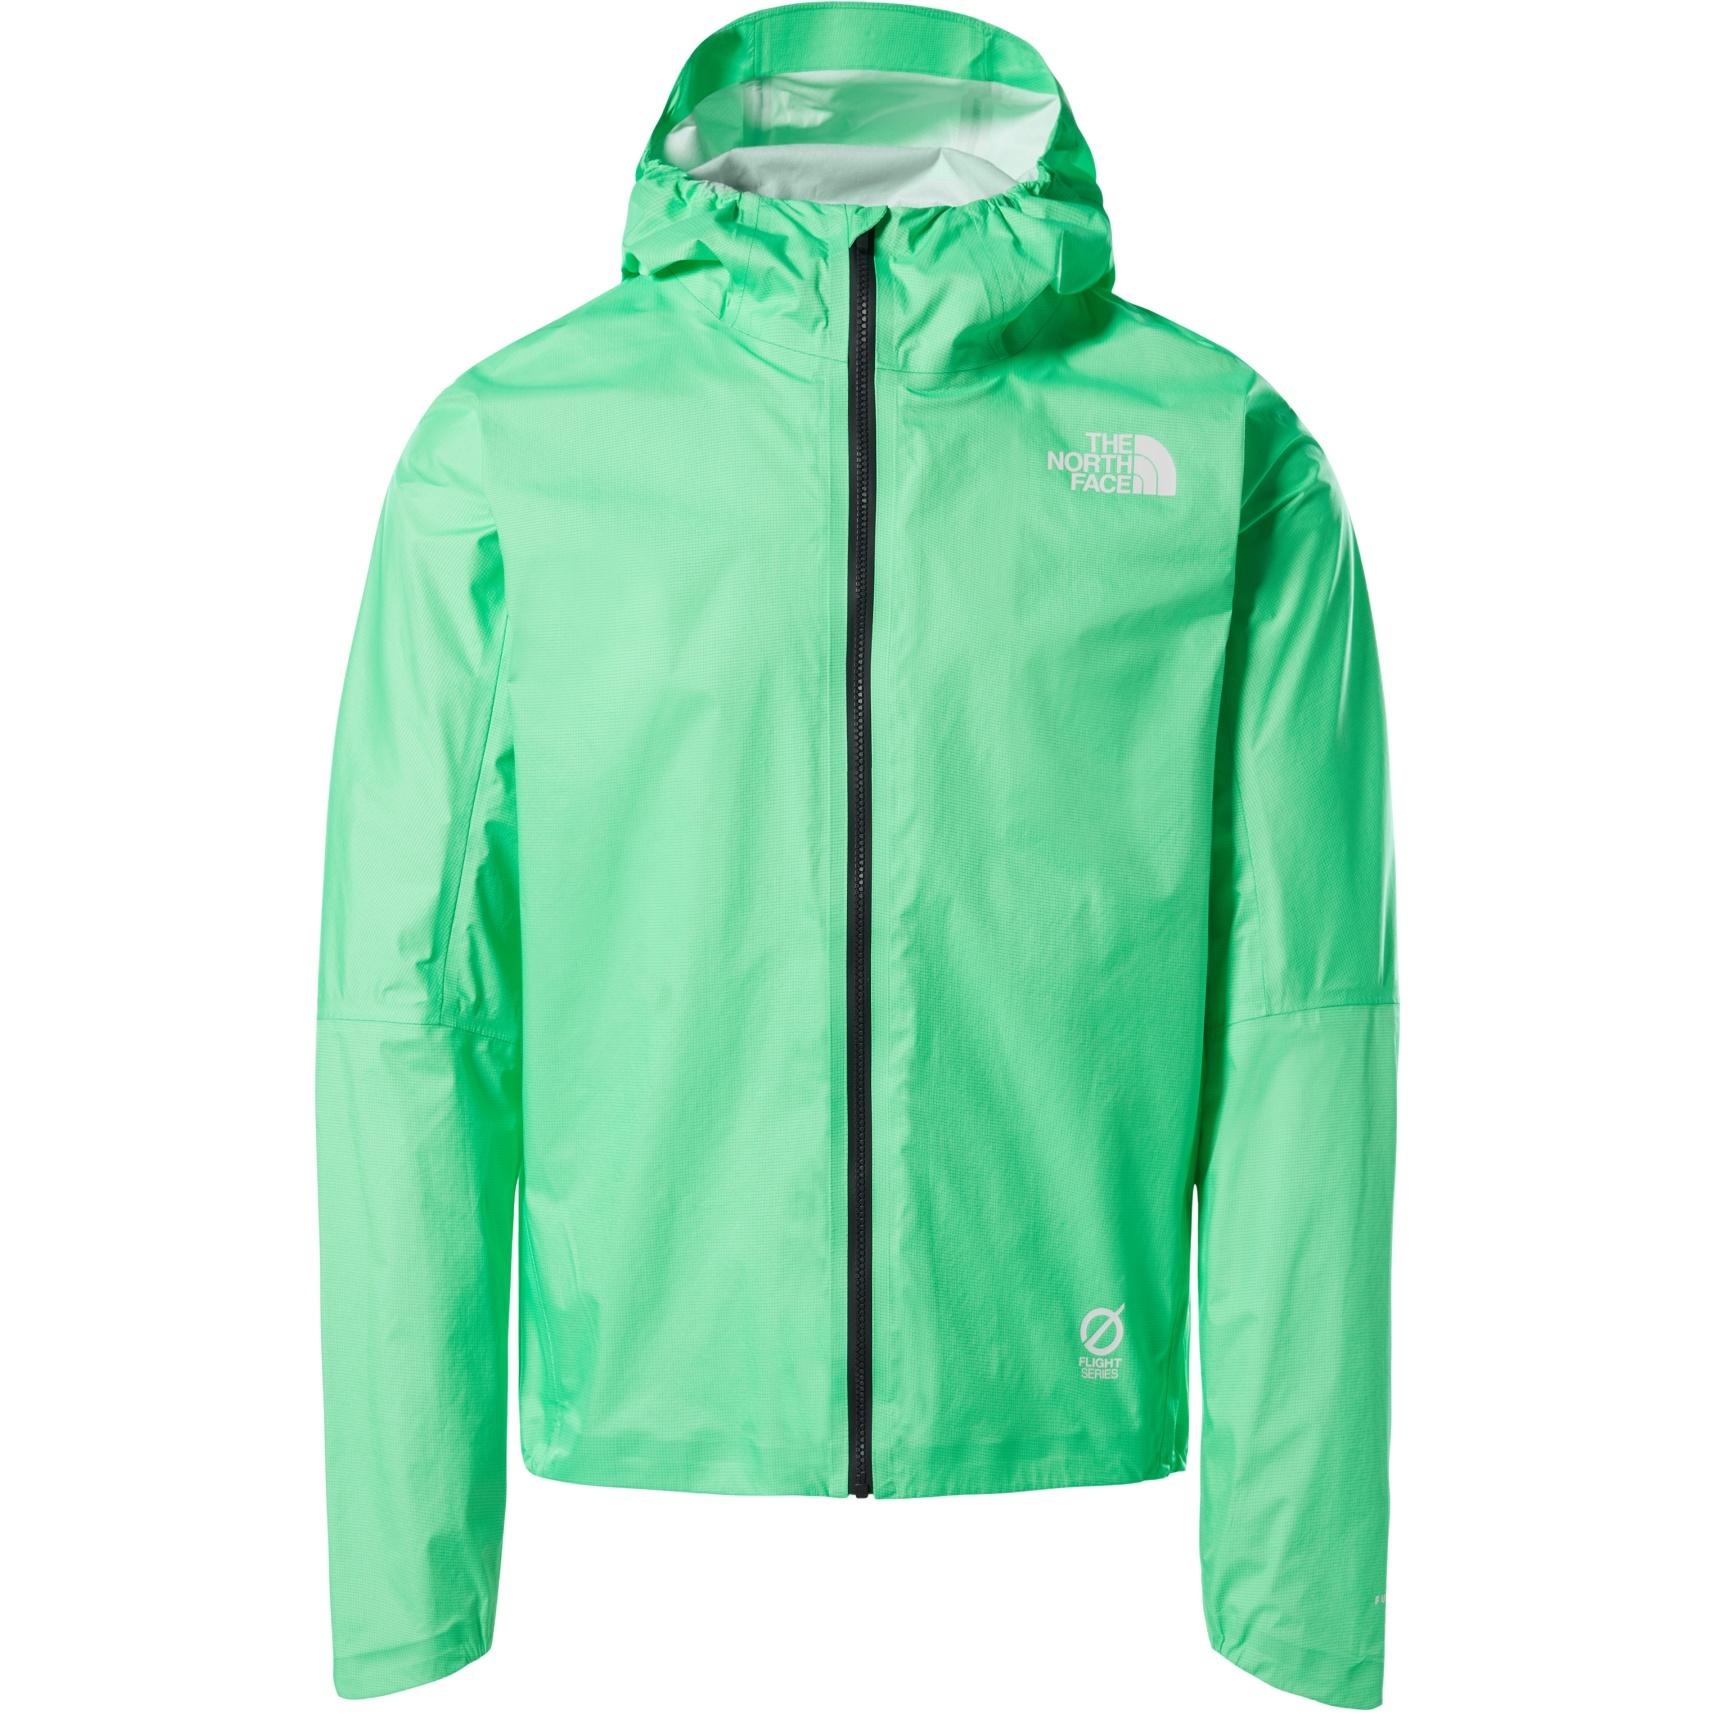 Produktbild von The North Face Herren Flight Lightriser FutureLight Jacke - Chlorophyll Green